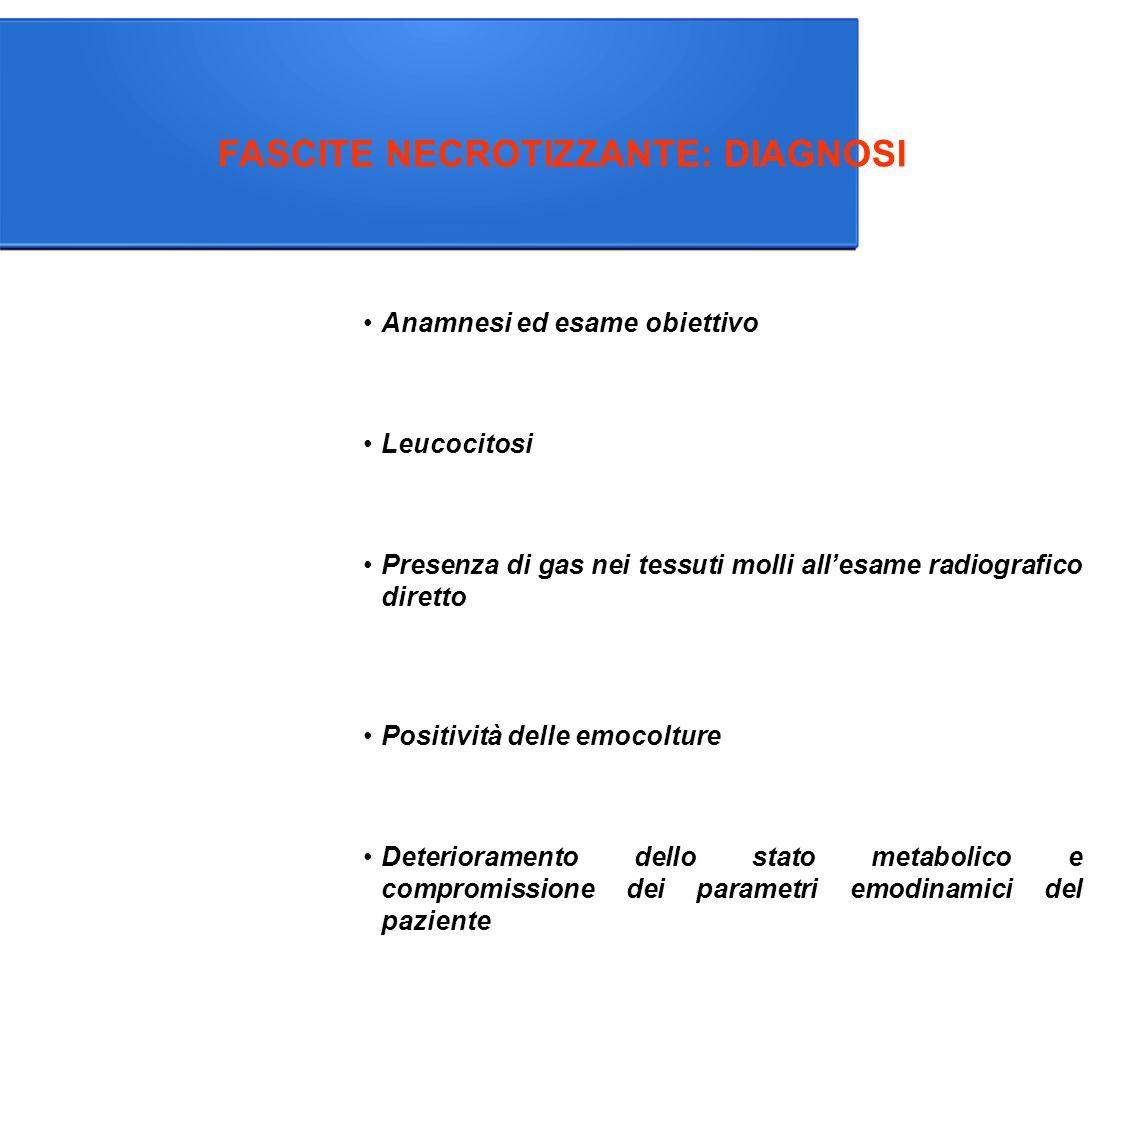 FASCITE NECROTIZZANTE: DIAGNOSI Anamnesi ed esame obiettivo Leucocitosi Presenza di gas nei tessuti molli all'esame radiografico diretto Positività delle emocolture Deterioramento dello stato metabolico e compromissione dei parametri emodinamici del paziente